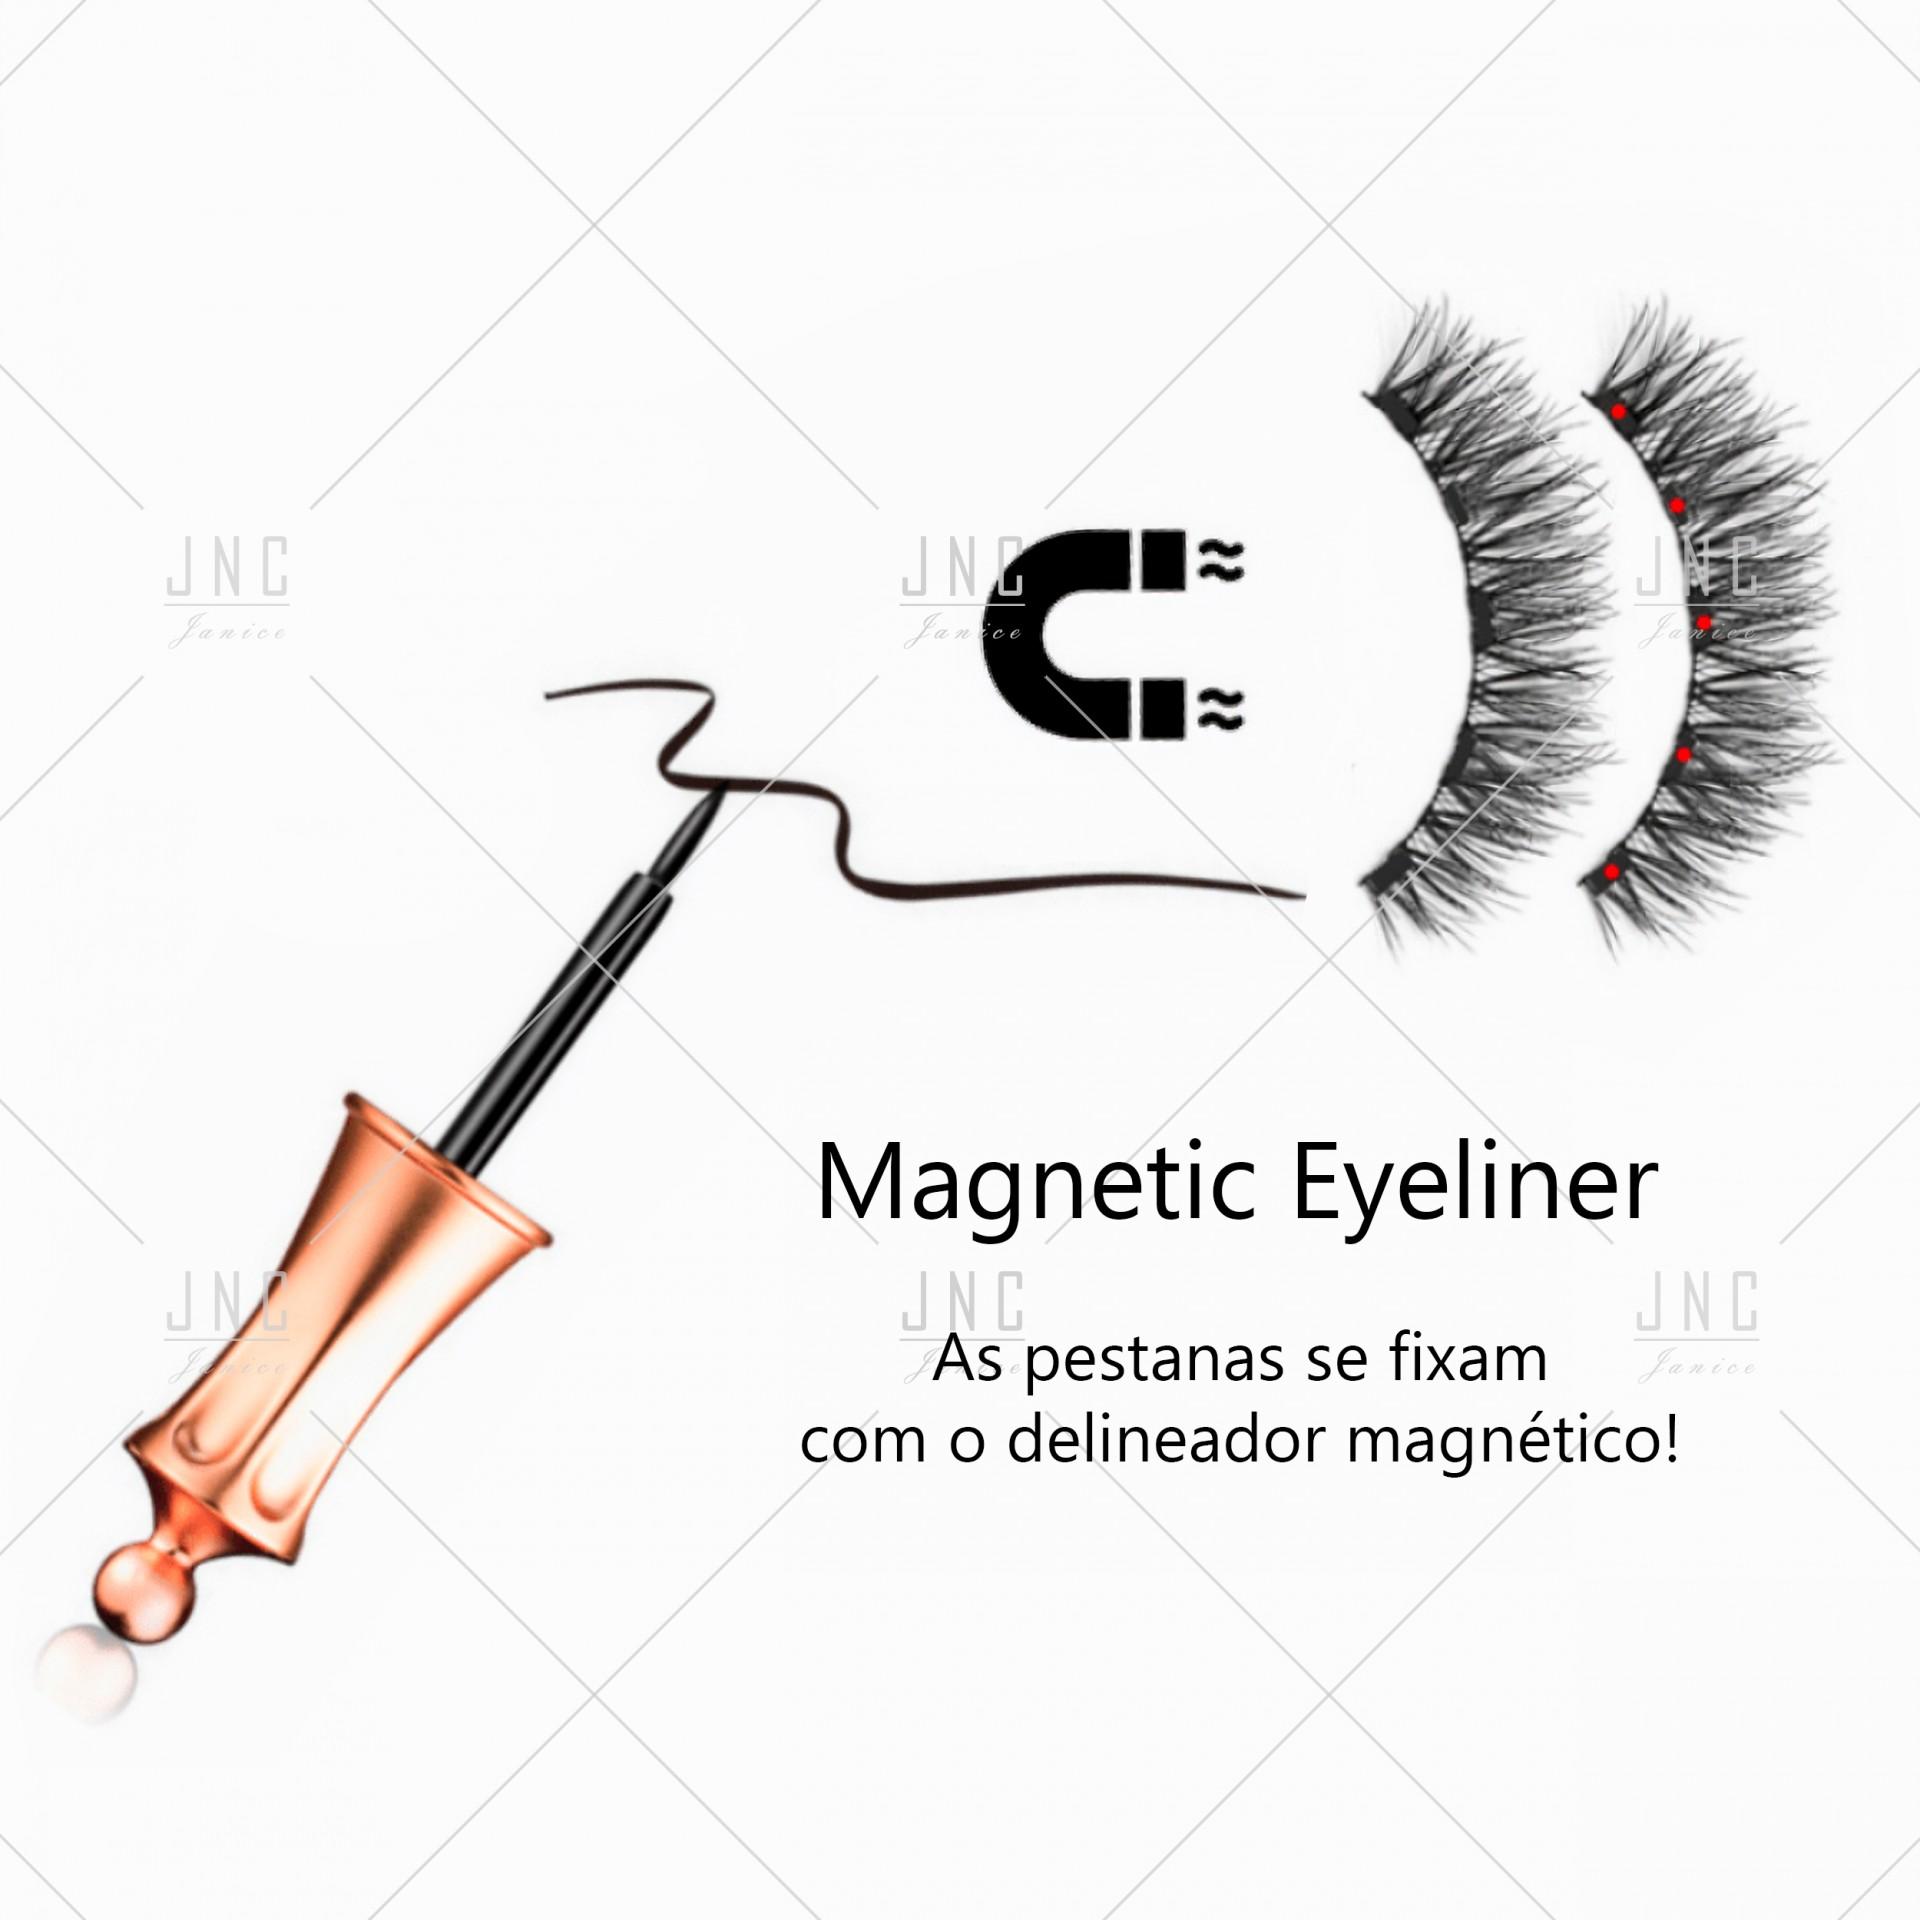 Pestanas Magnéticas com Eyeliner - Doha-05 | Ref.862063